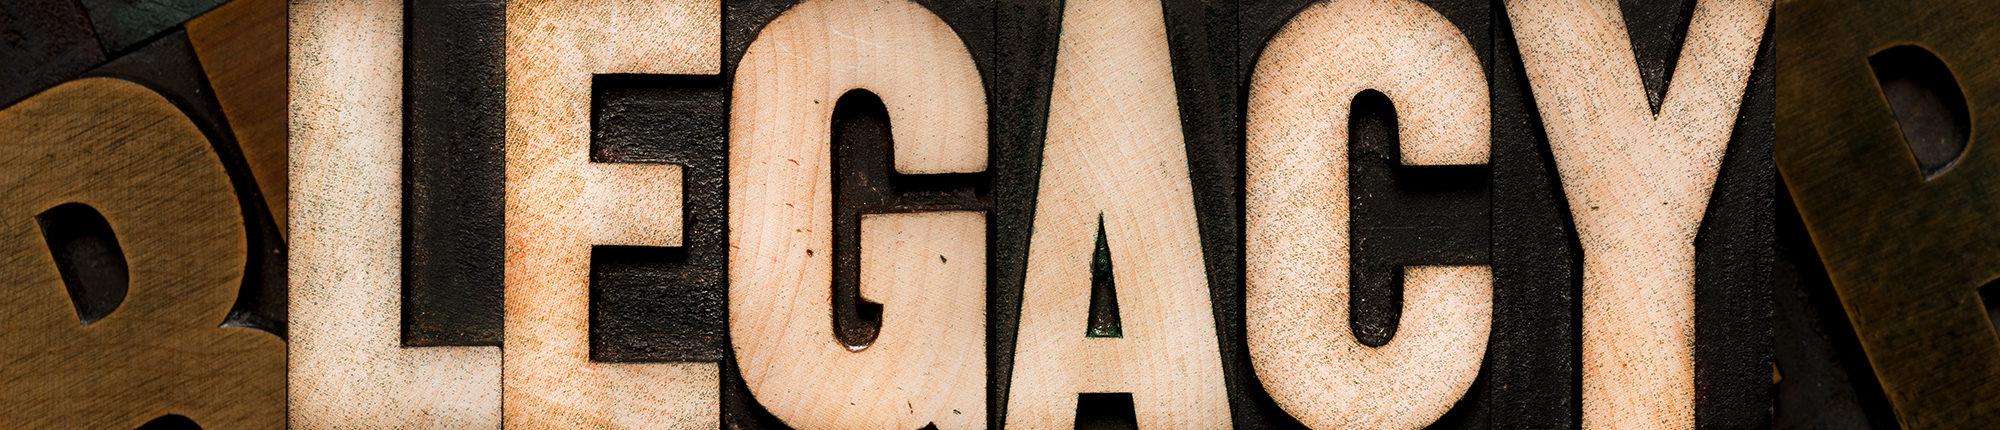 legacy word in wood